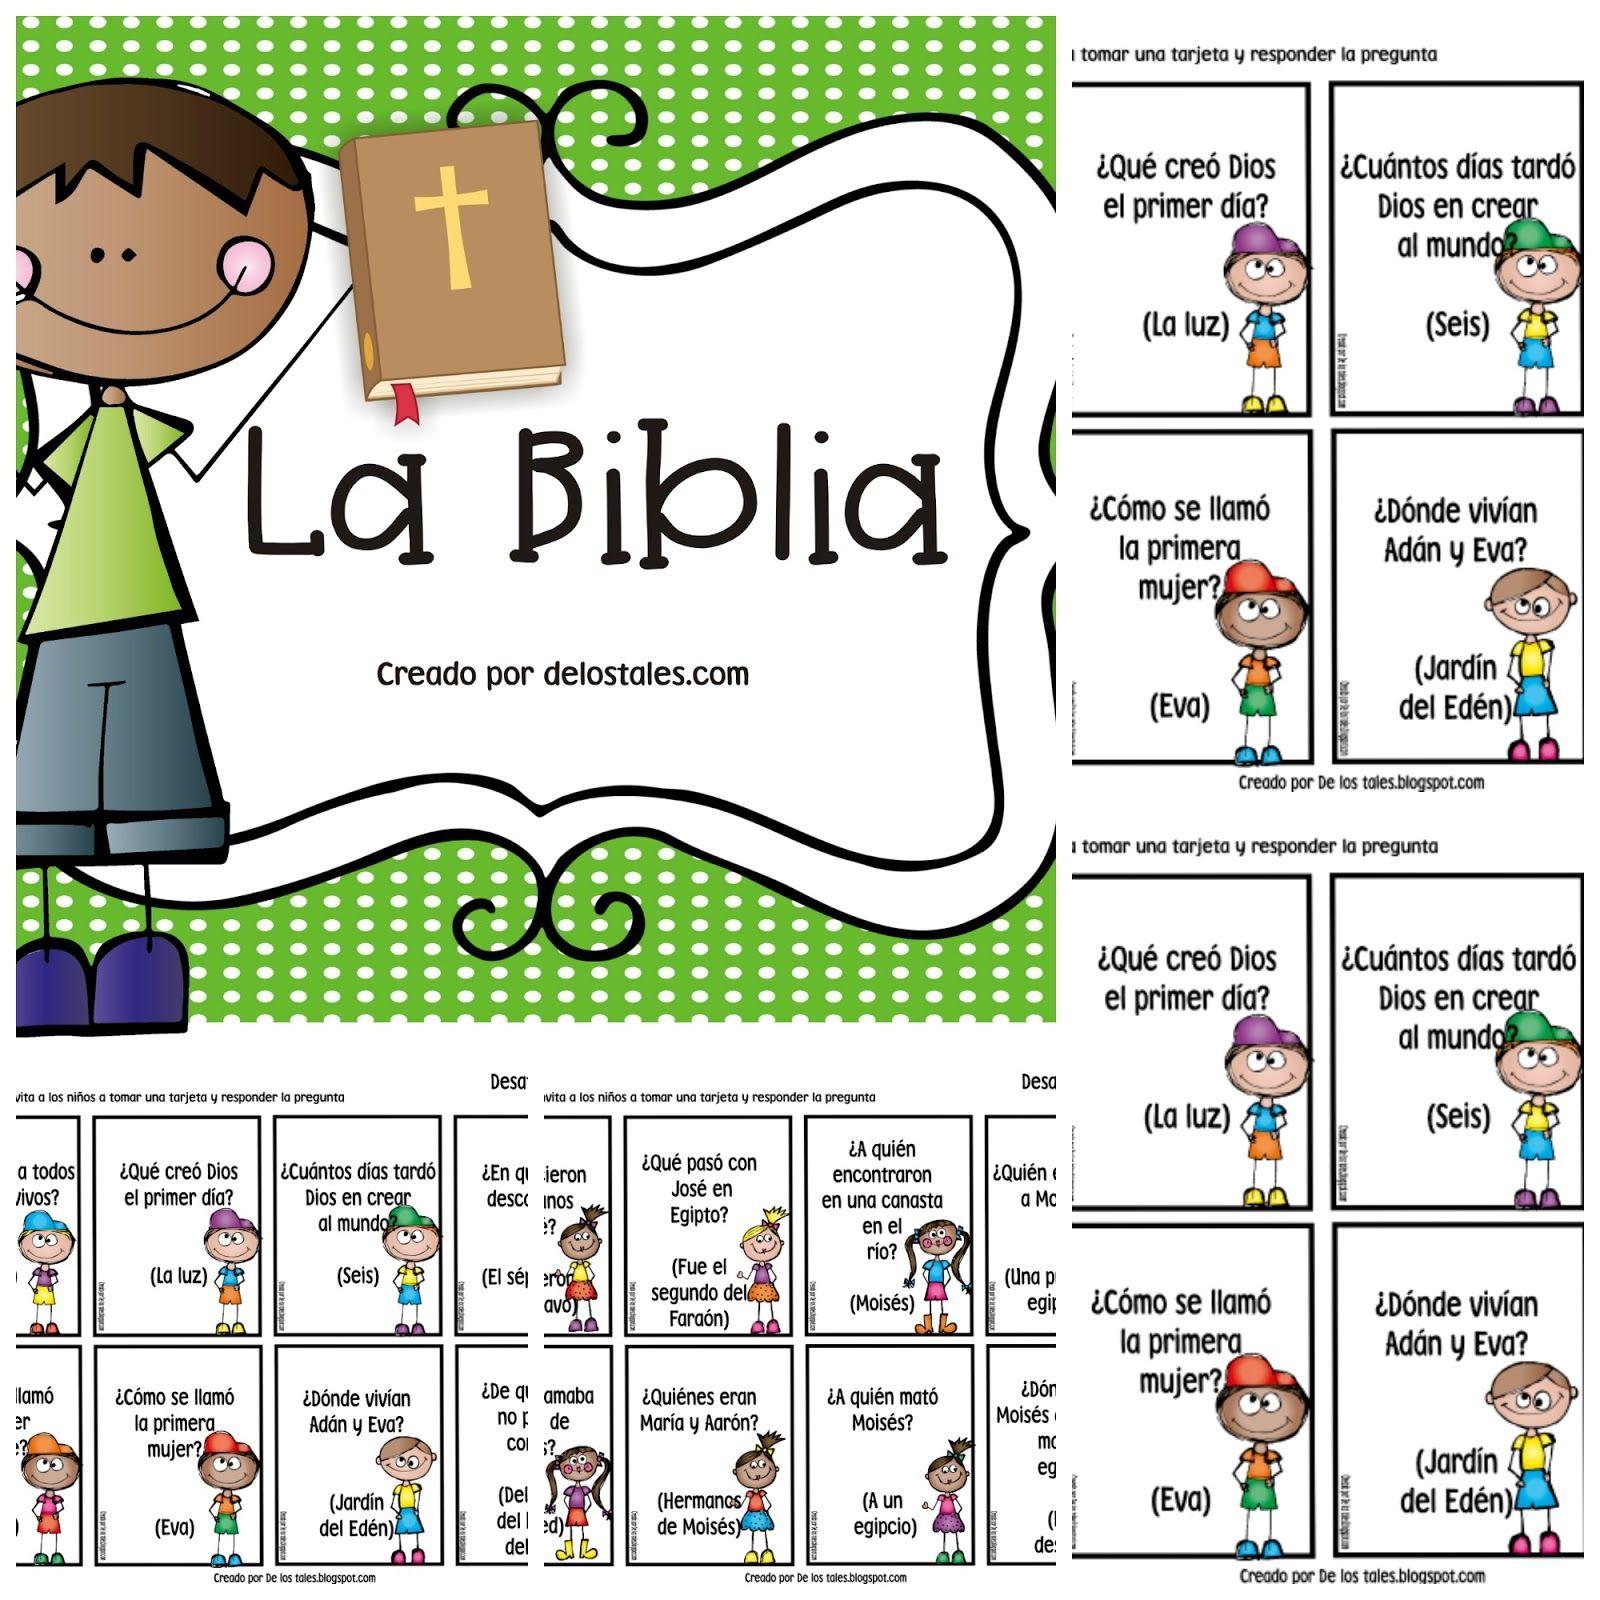 Libros De La Biblia Y Preguntas De Los Tales Estudios Bíblicos Para Niños Biblia Para Niños Lecciones Bíblicas Para Niños